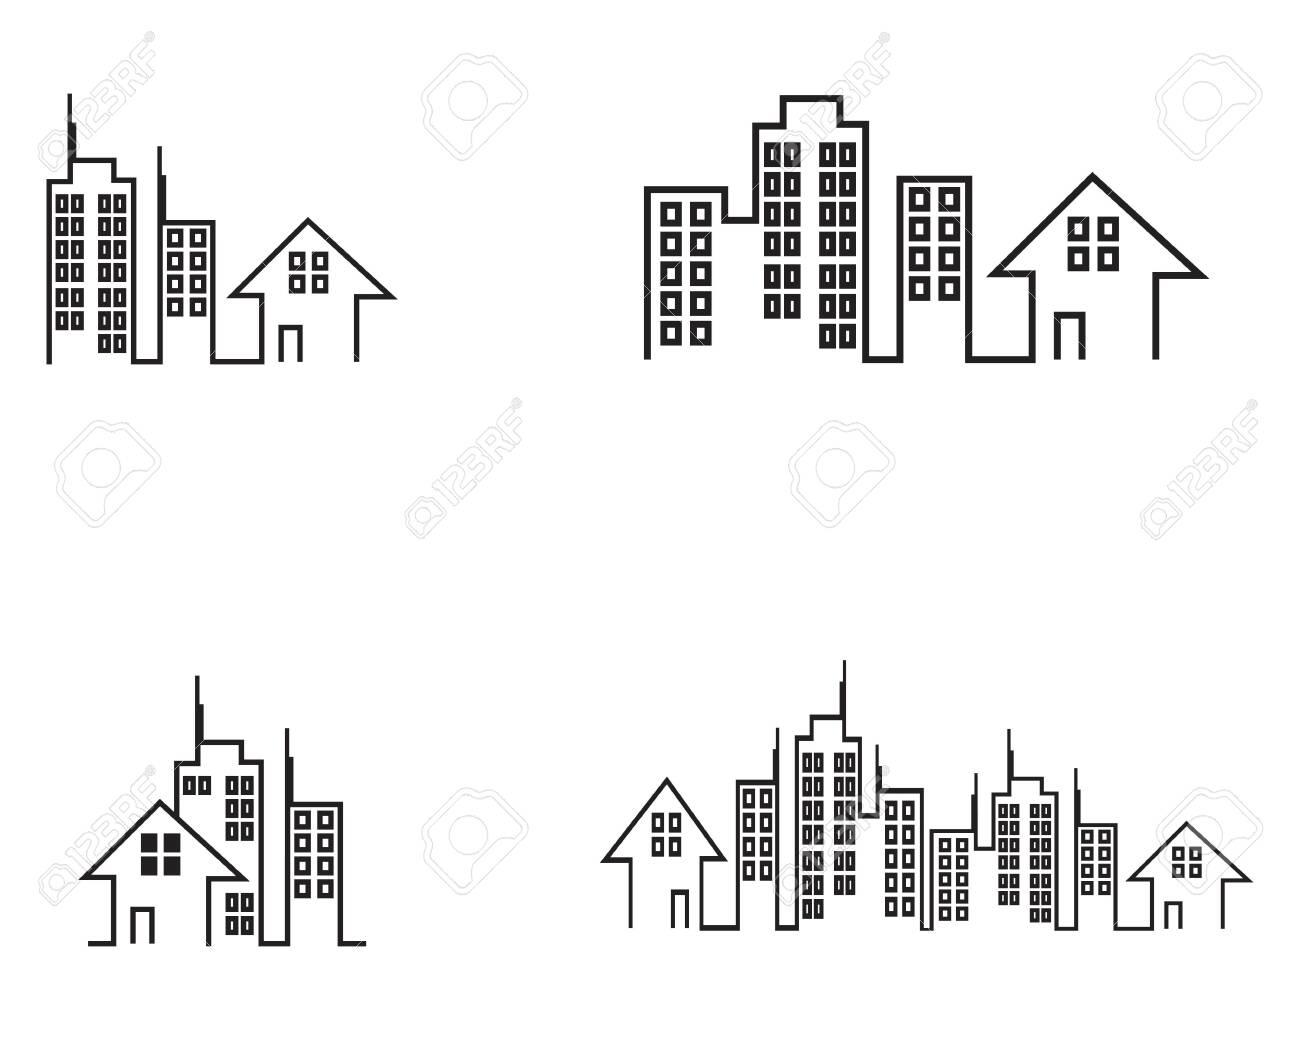 Building construction logo vector template - 122380365